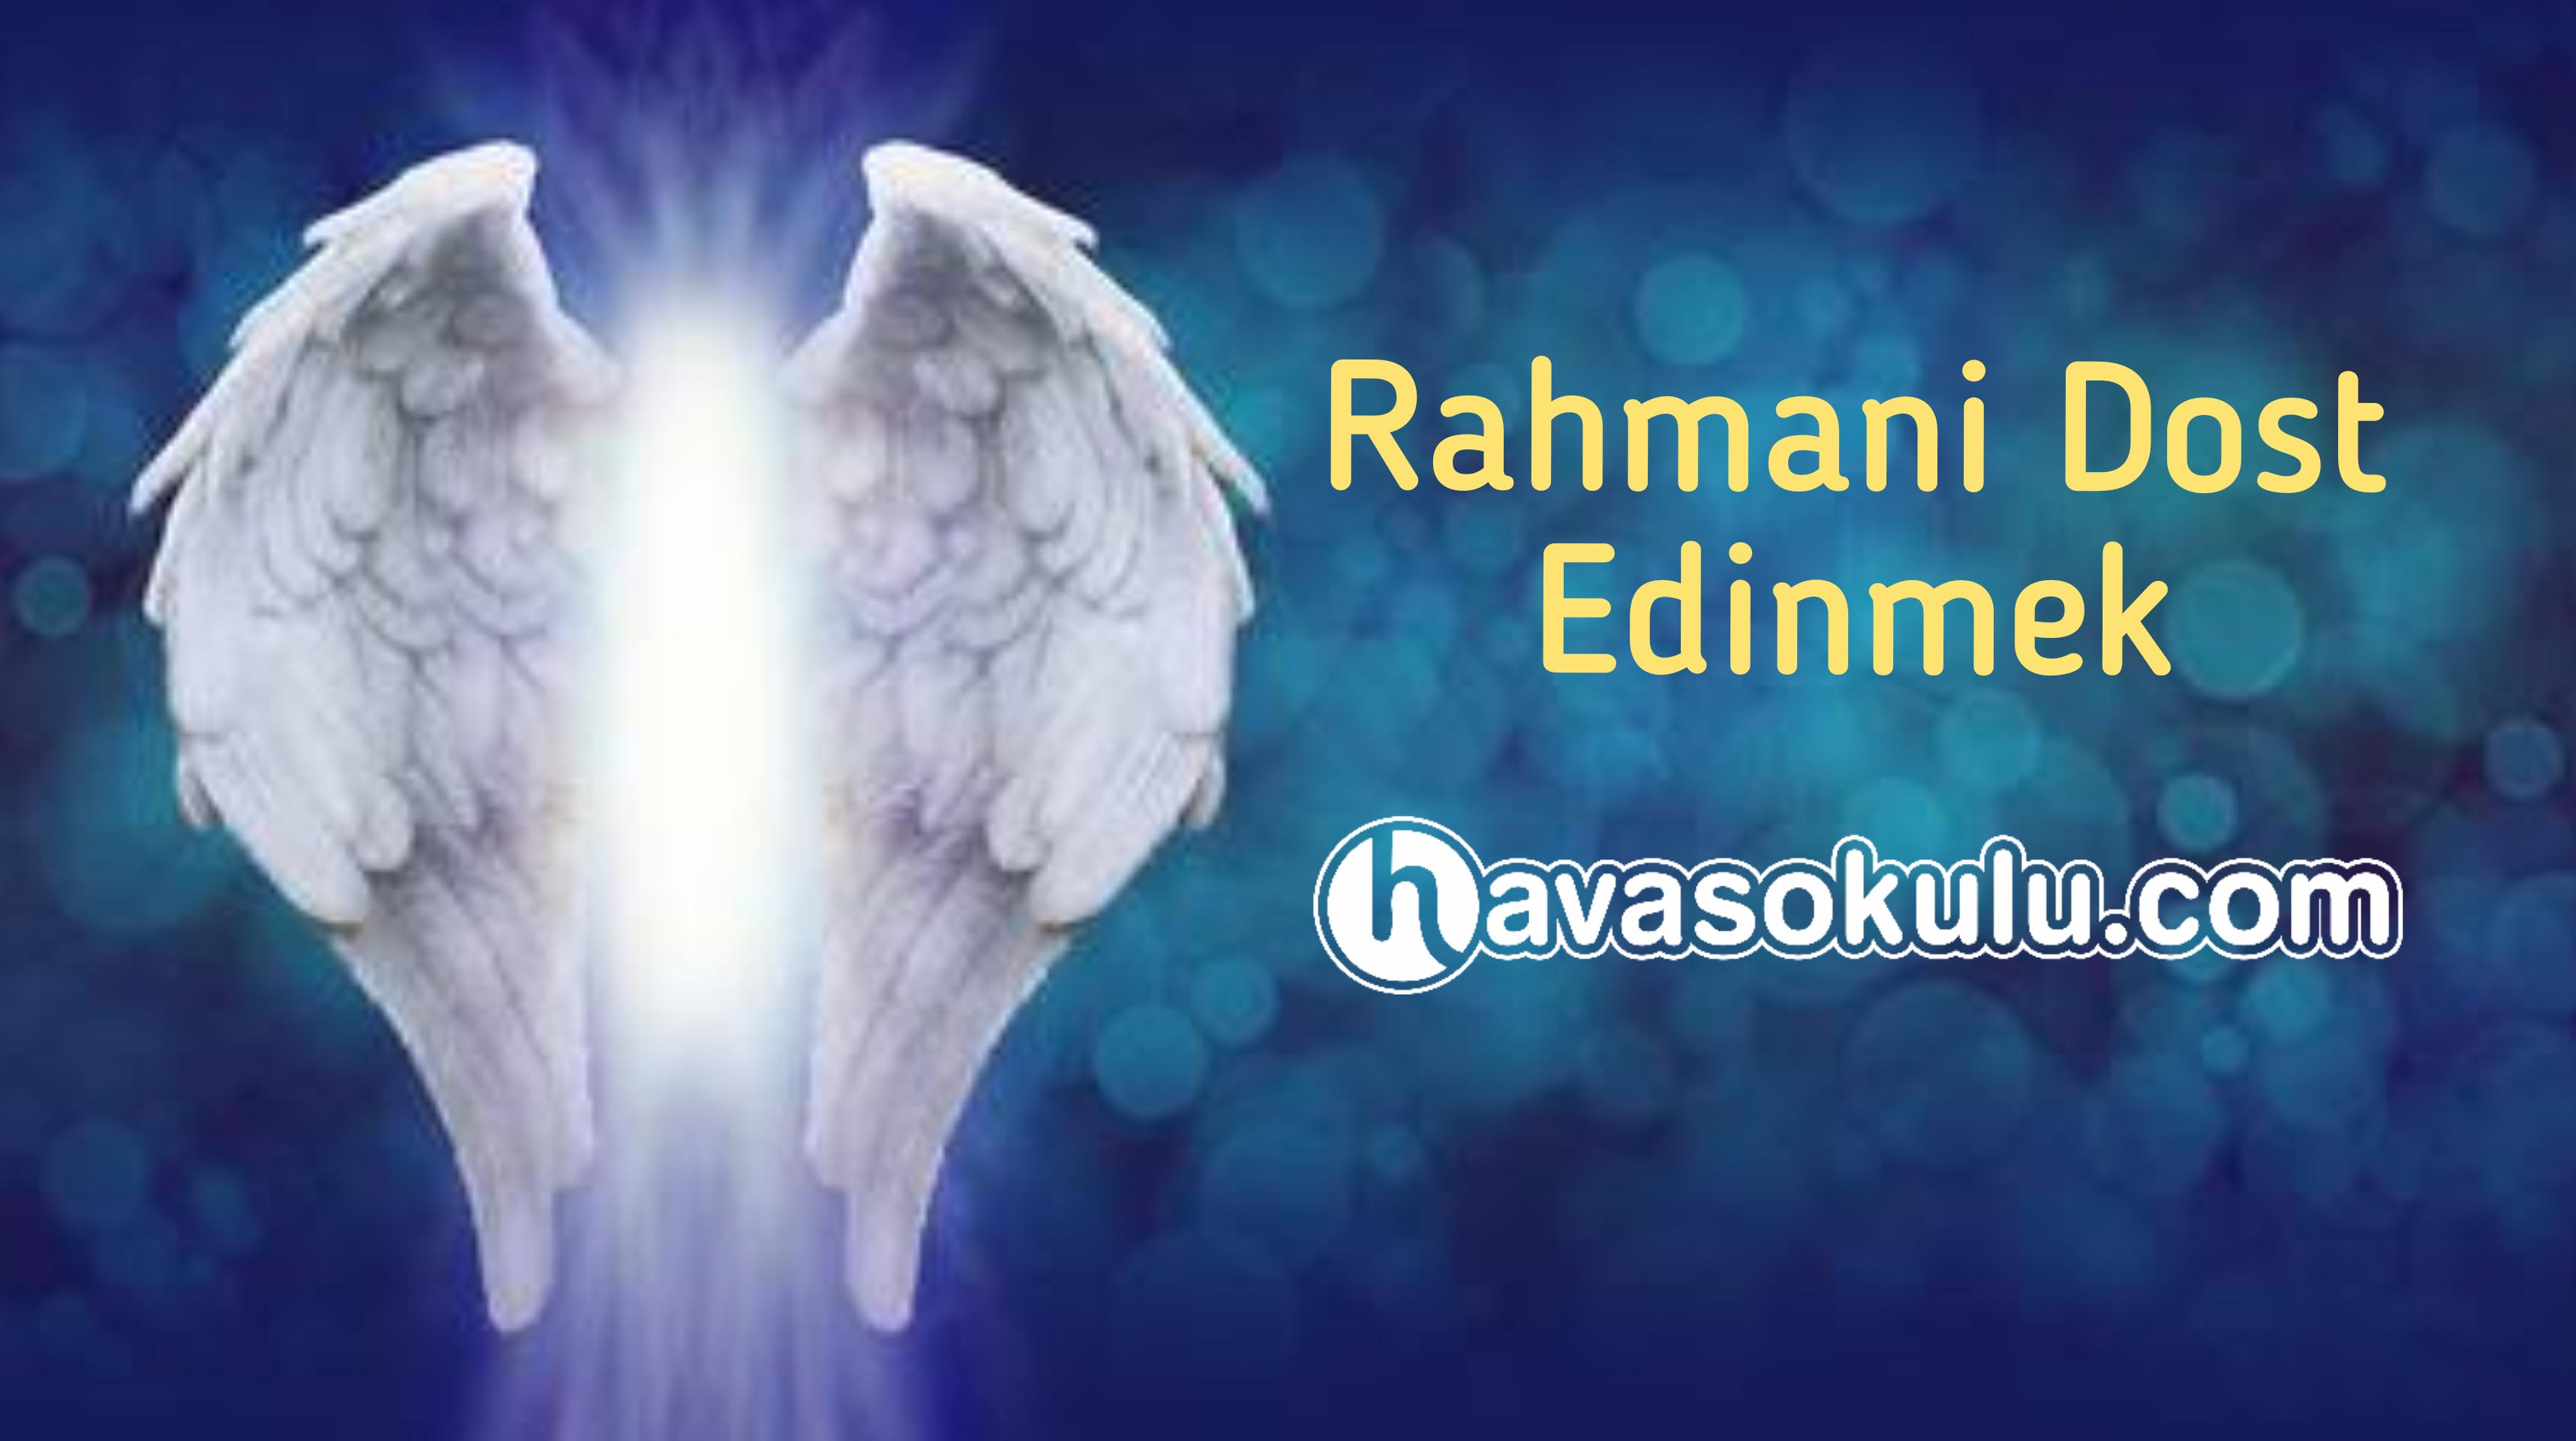 Rahmani bir dost edinmek